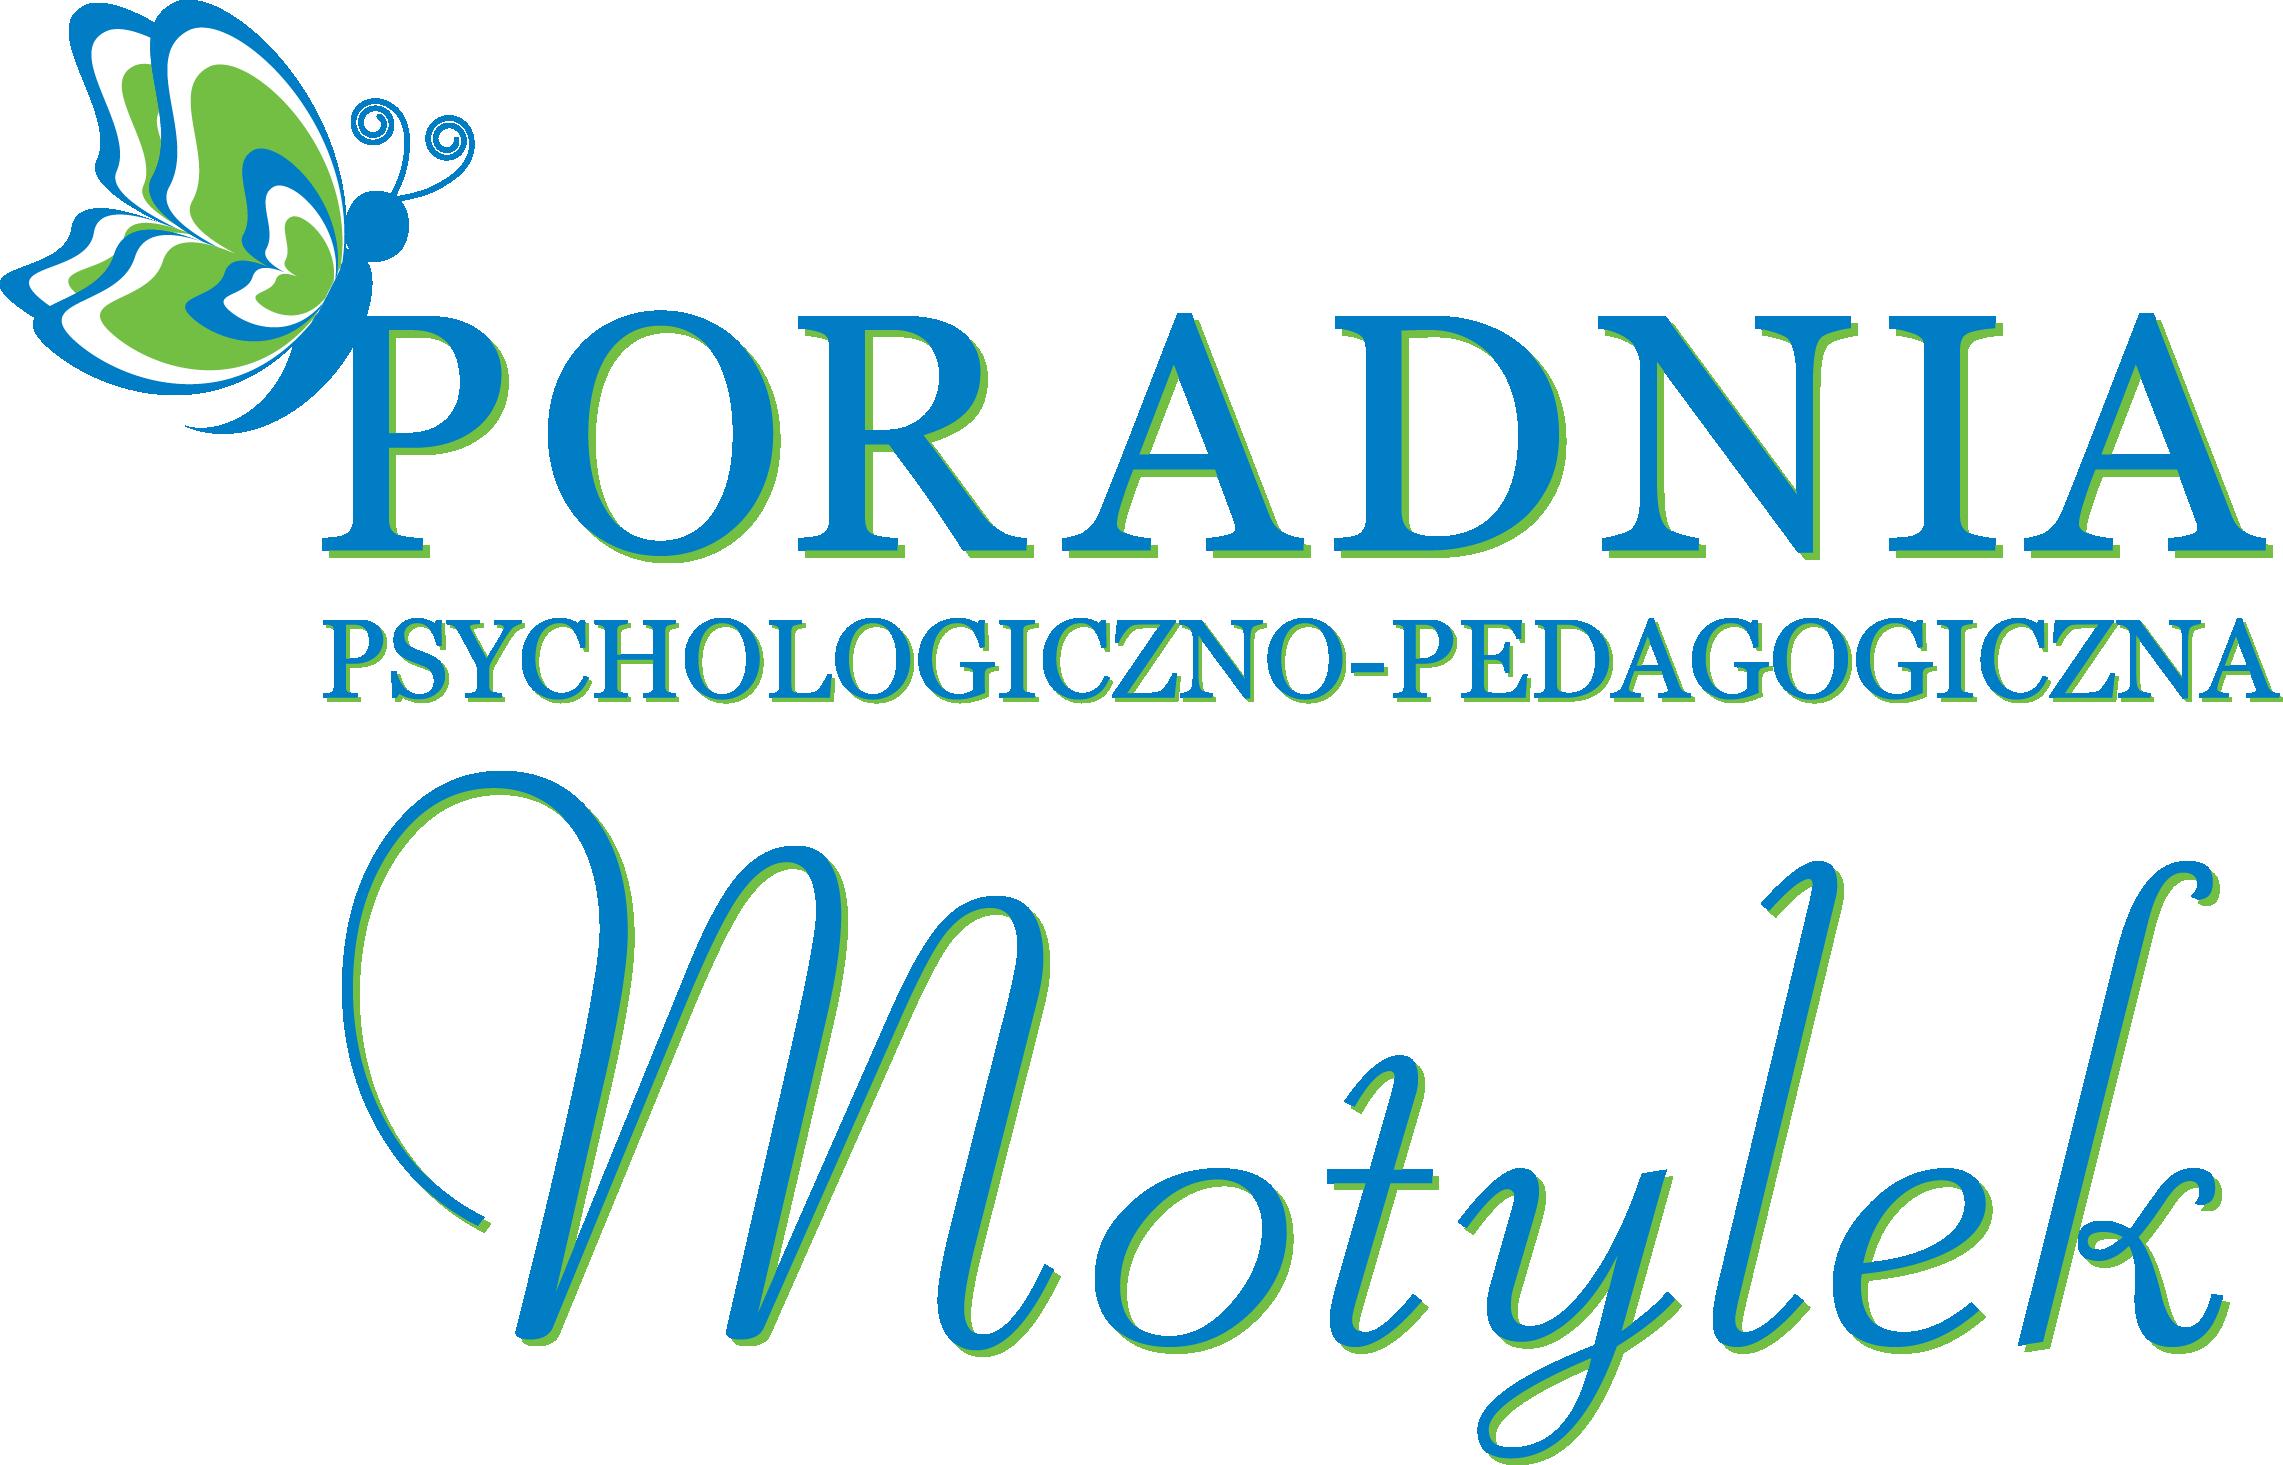 Poradnia Psychologiczno-Pedagogiczna Motylek